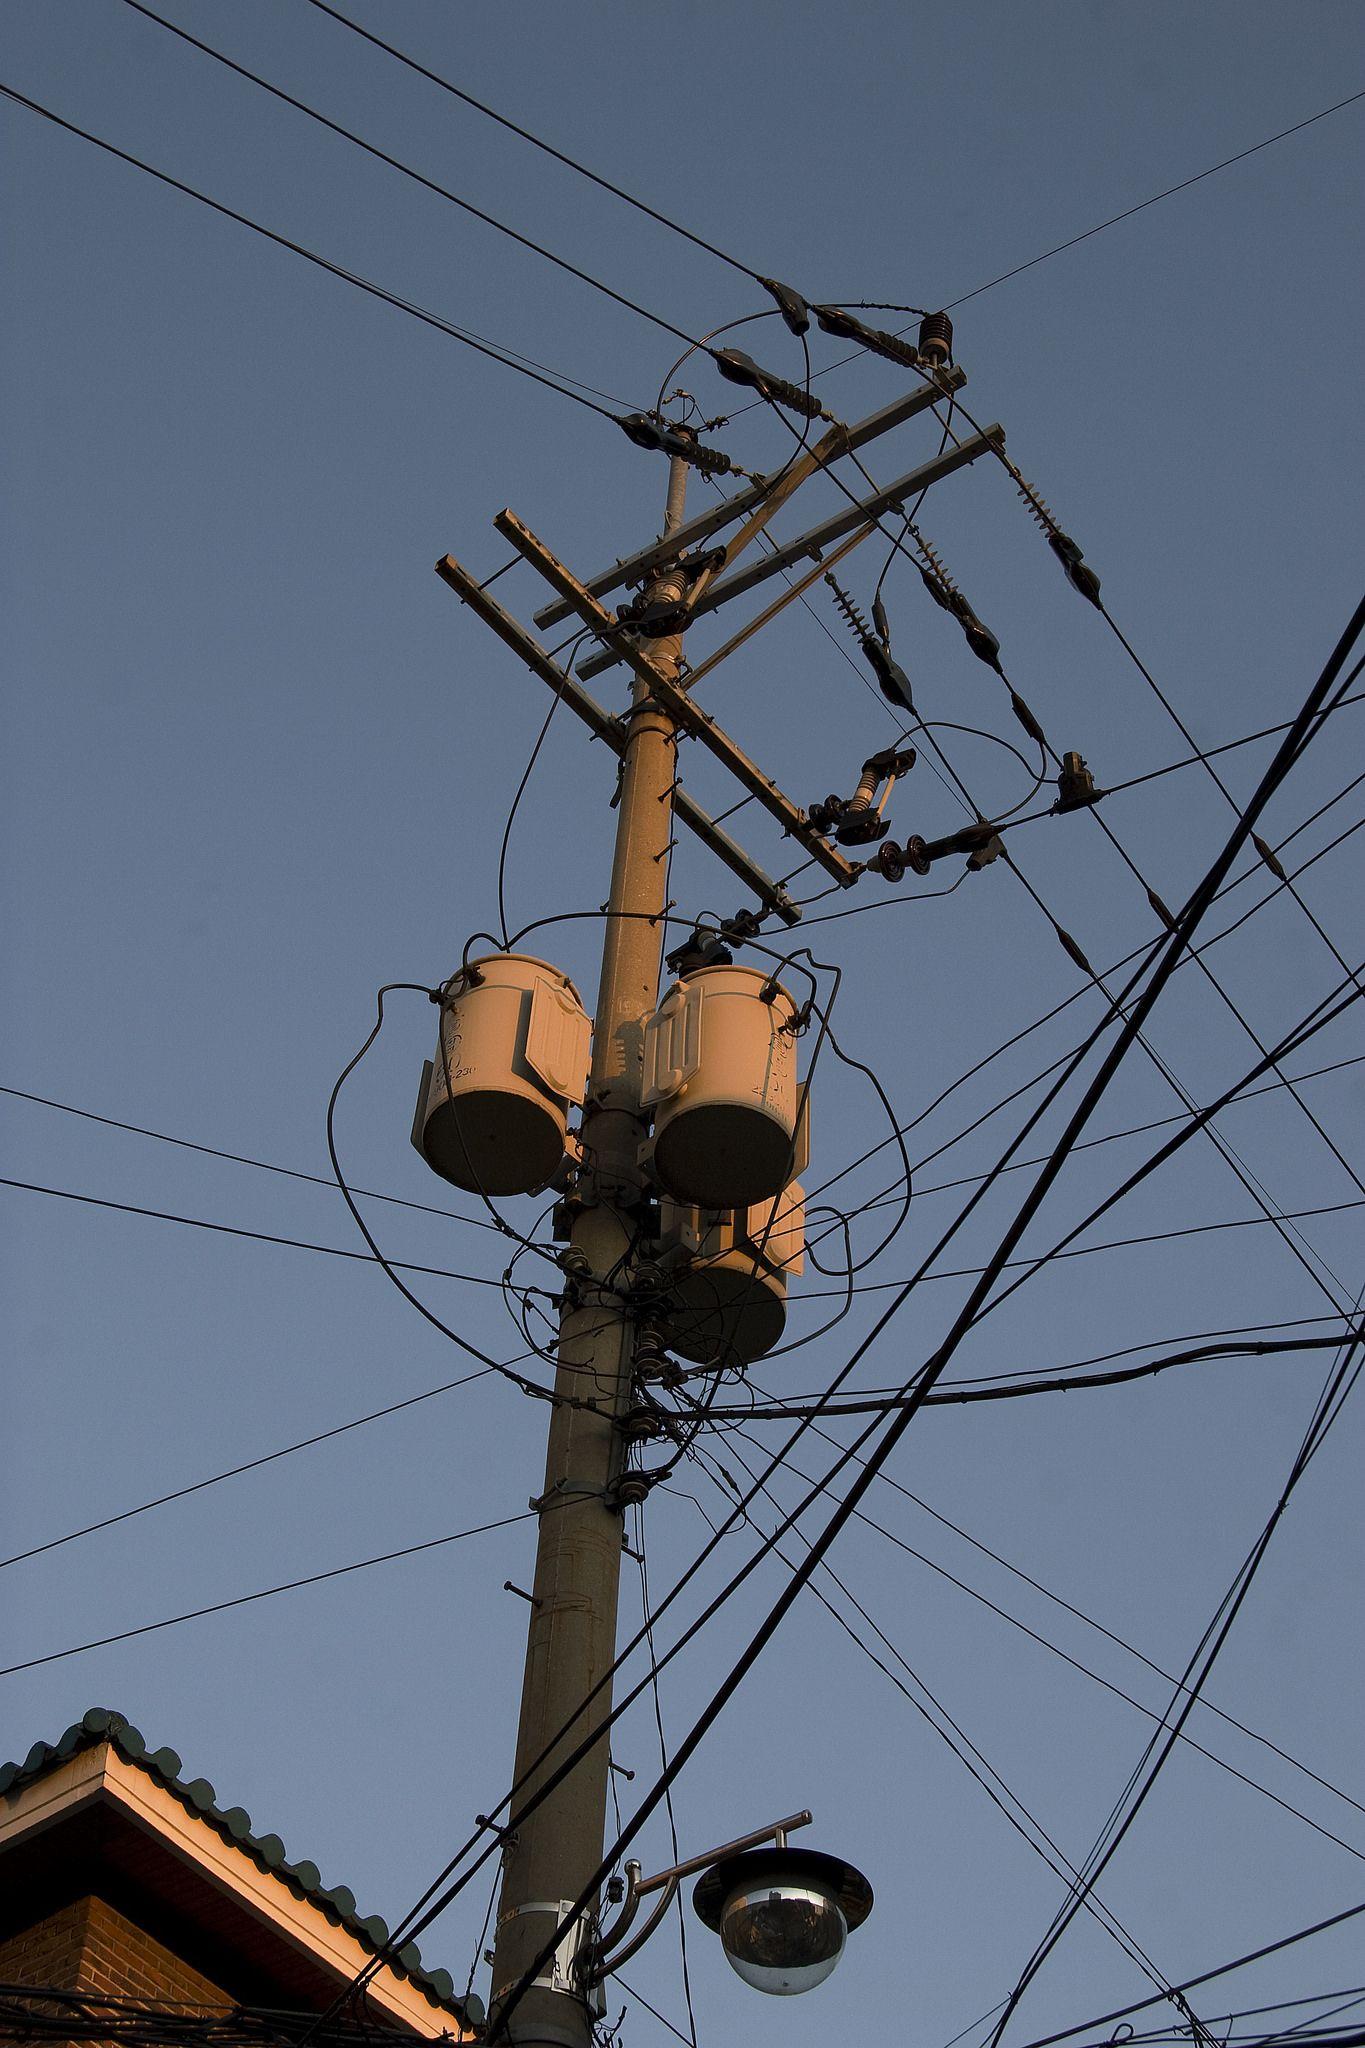 https://flic.kr/p/pJqp42 | utility pole | 동네 전봇대인데 의외로 이런 스타일은 동네마다 다르게 보입니다.